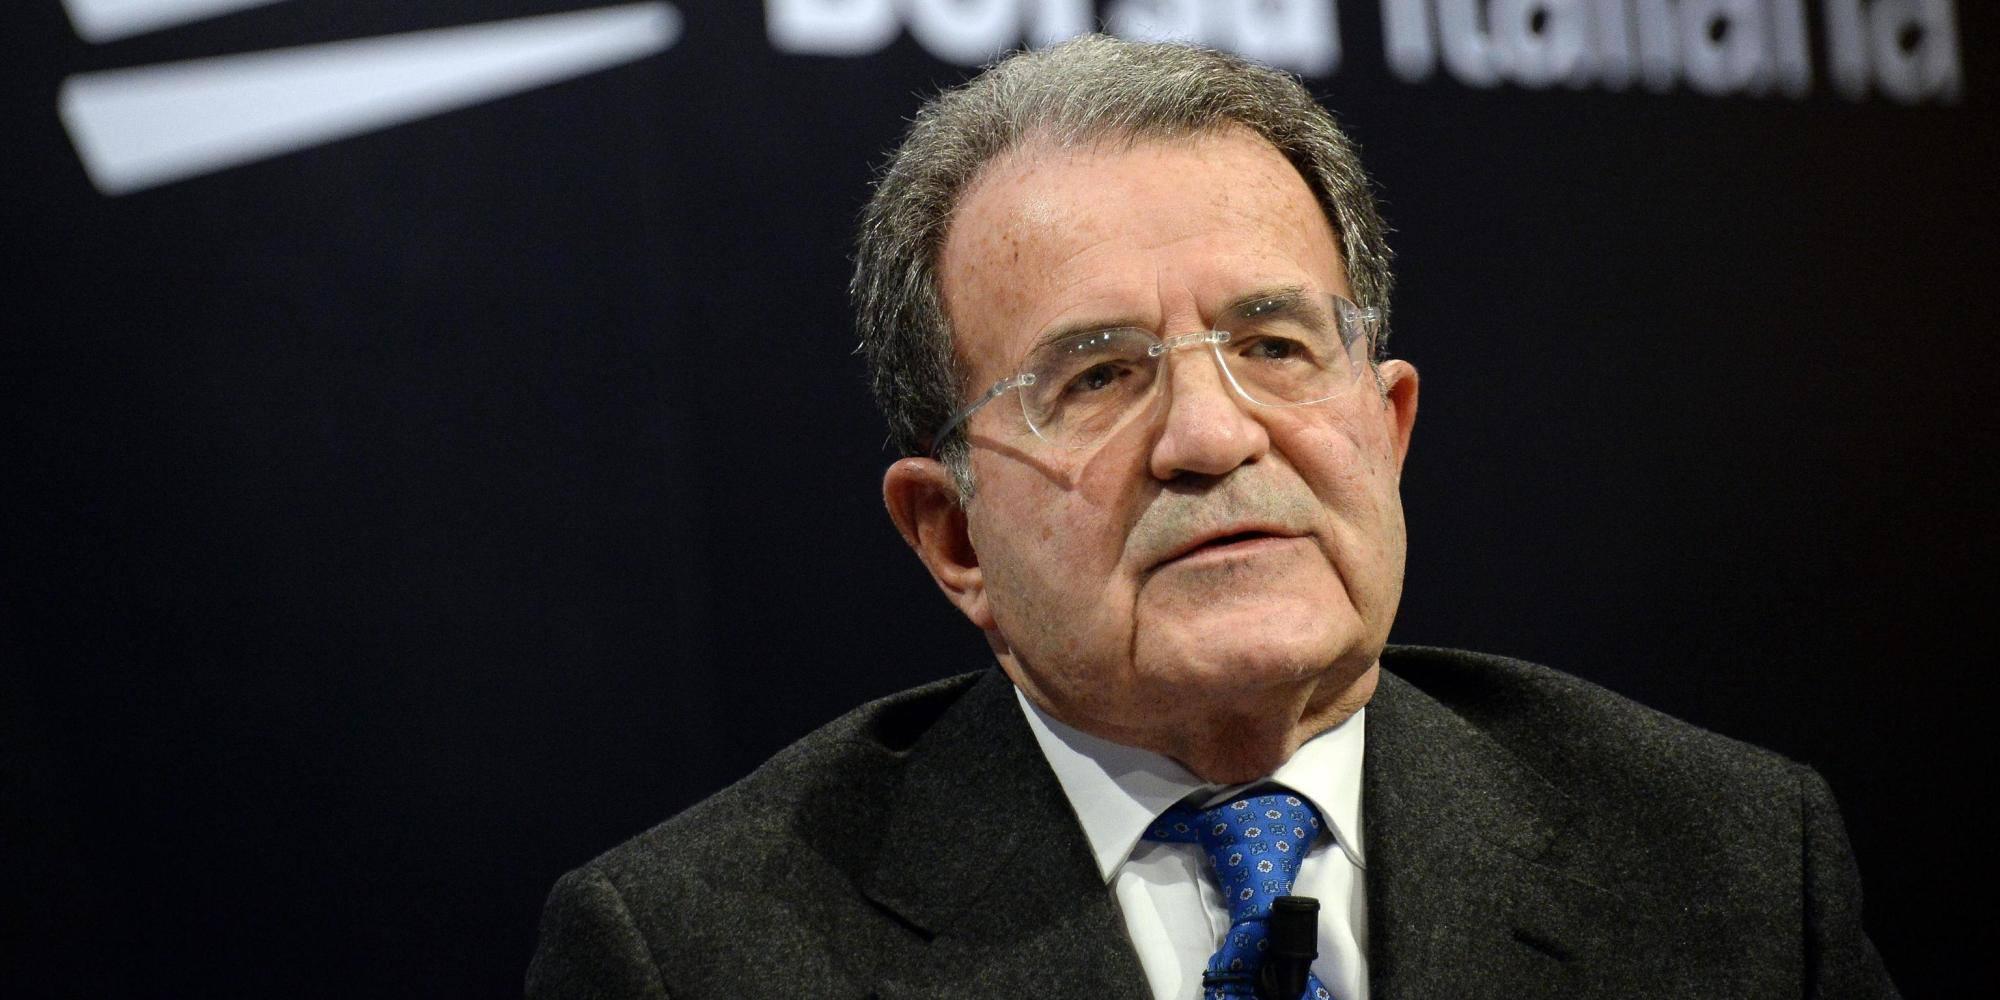 當心那個狡猾的羅曼諾·普羅迪(Romano Prodi)